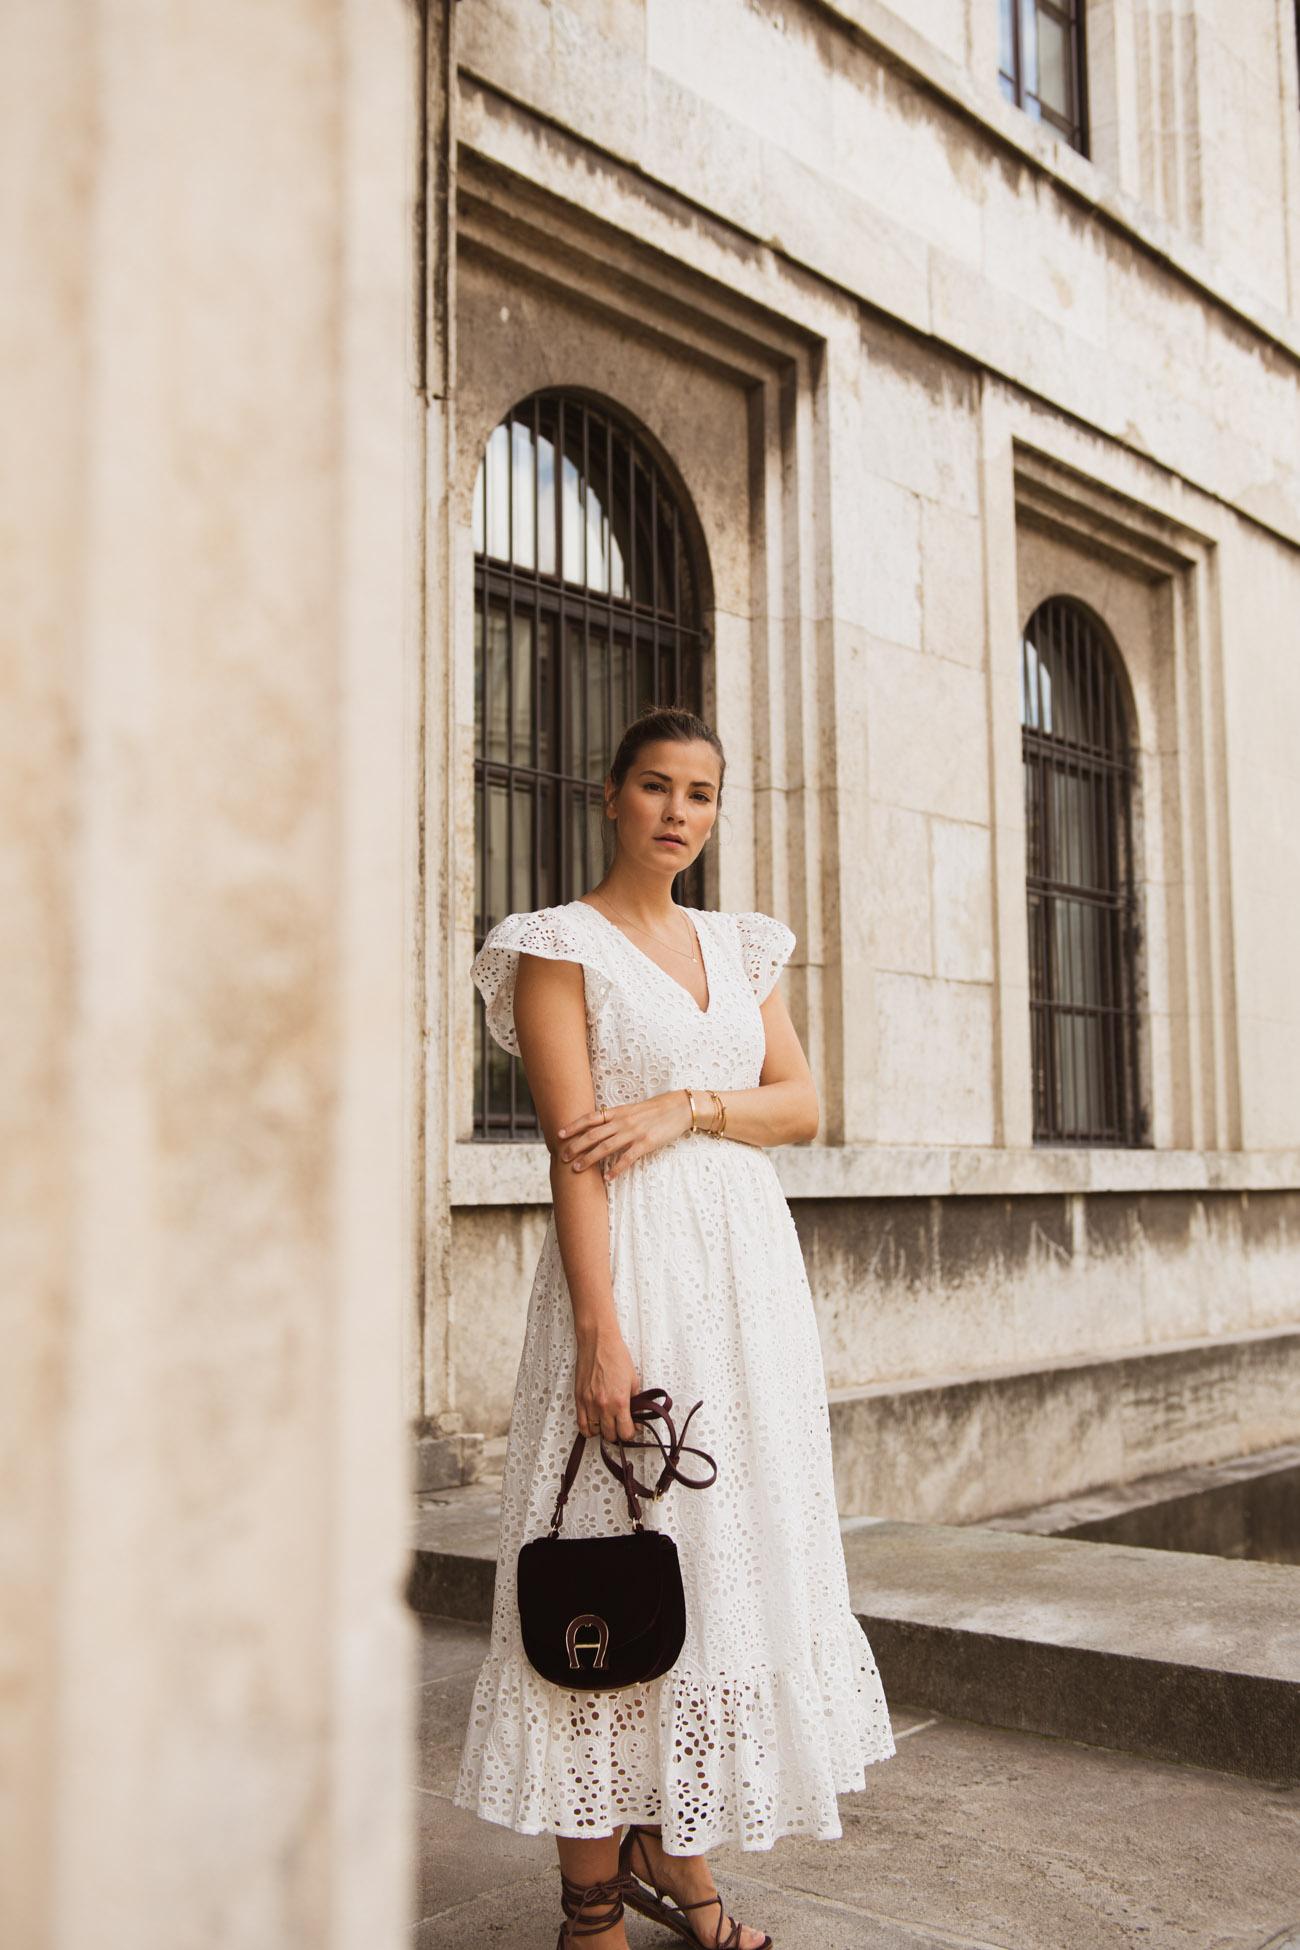 weiße kleider: der schönste sommertrend 2020 | fashiioncarpet